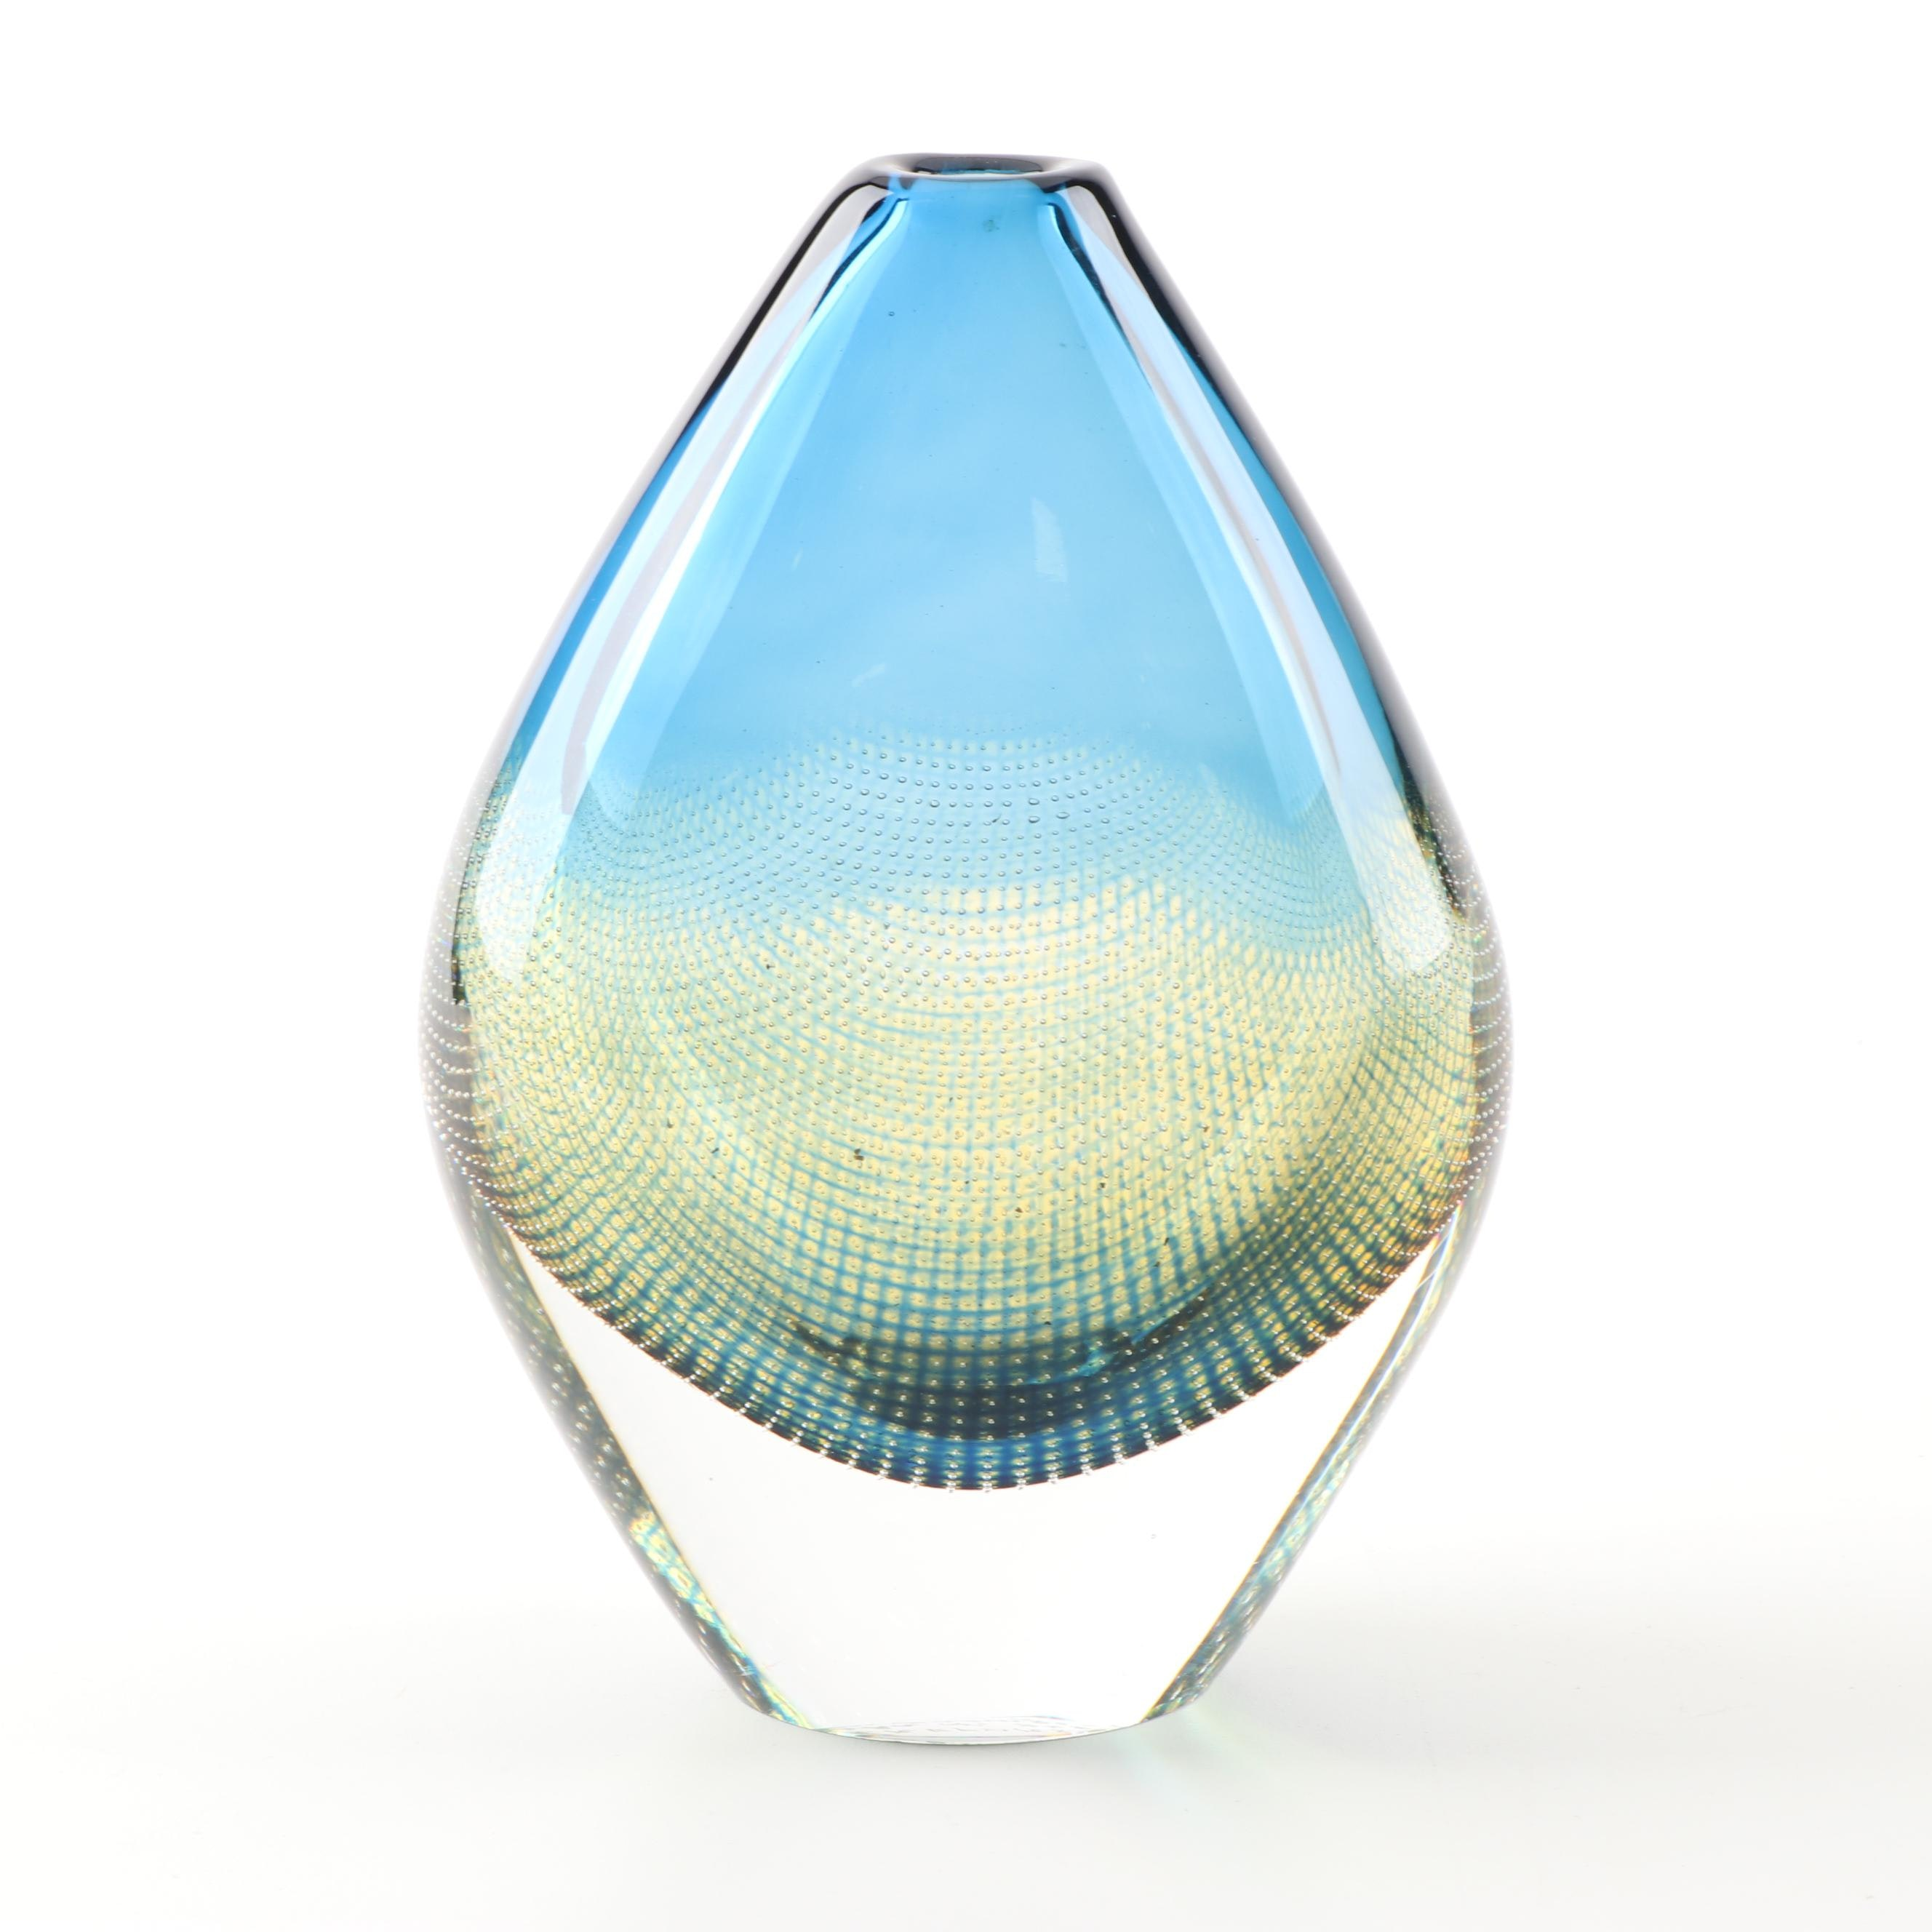 """Orrefors """"Kraka"""" Art Glass Vase Designed by Sven Palmquist"""